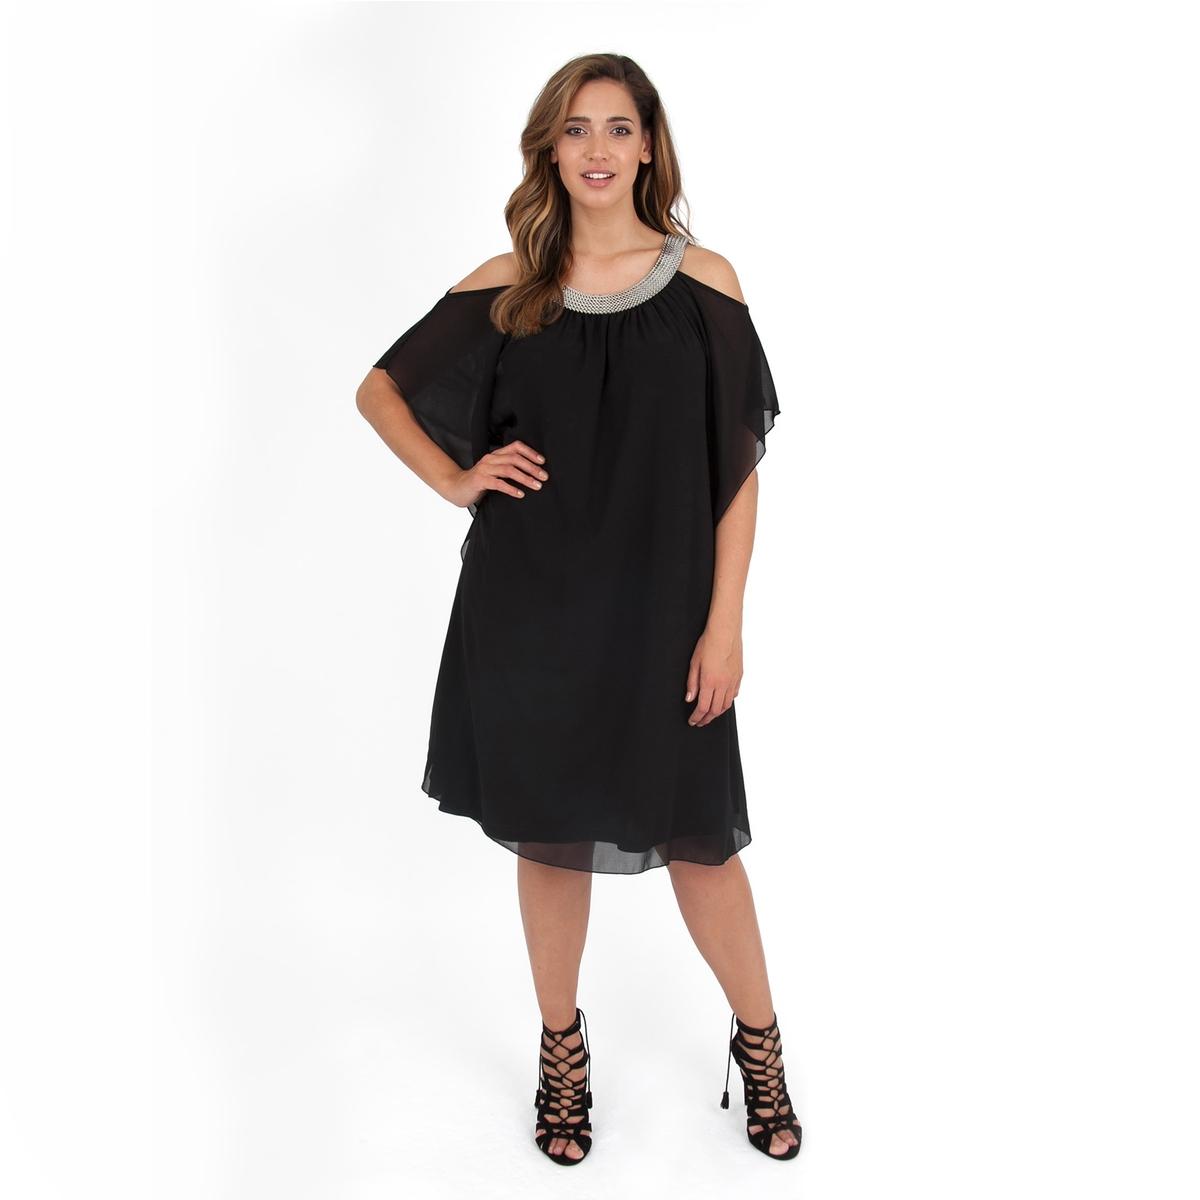 Платье прямое средней длины, однотонное, с короткими рукавамиДетали  •  Форма : прямая  •  Длина до колен •  Короткие рукава    •  Круглый вырезСостав и уход  •  100% полиэстер •  Следуйте советам по уходу, указанным на этикеткеТовар из коллекции больших размеров<br><br>Цвет: черный